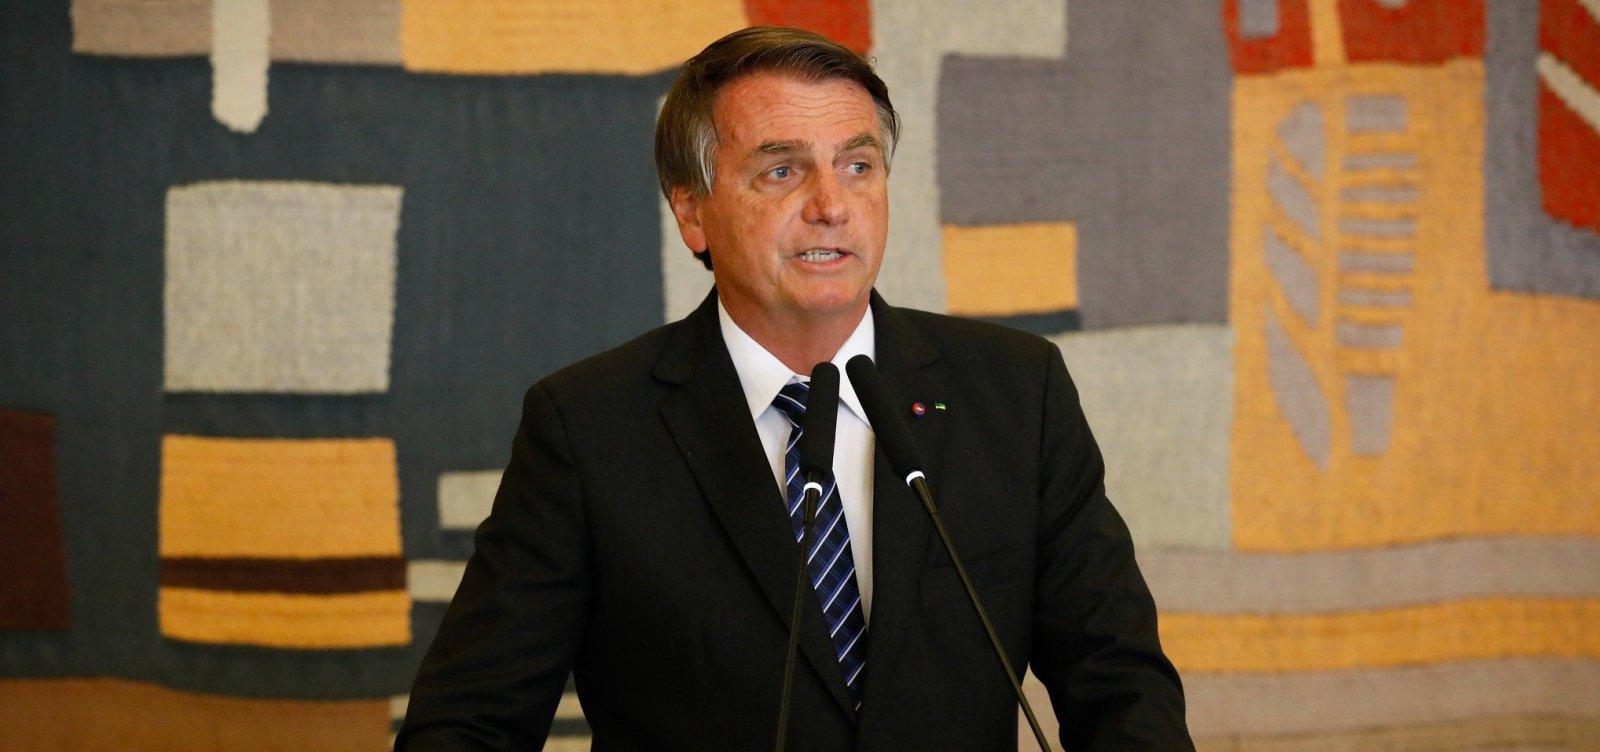 """Em resposta a CPI da Covid, Bolsonaro diz que não tem """"culpa de absolutamente nada"""""""